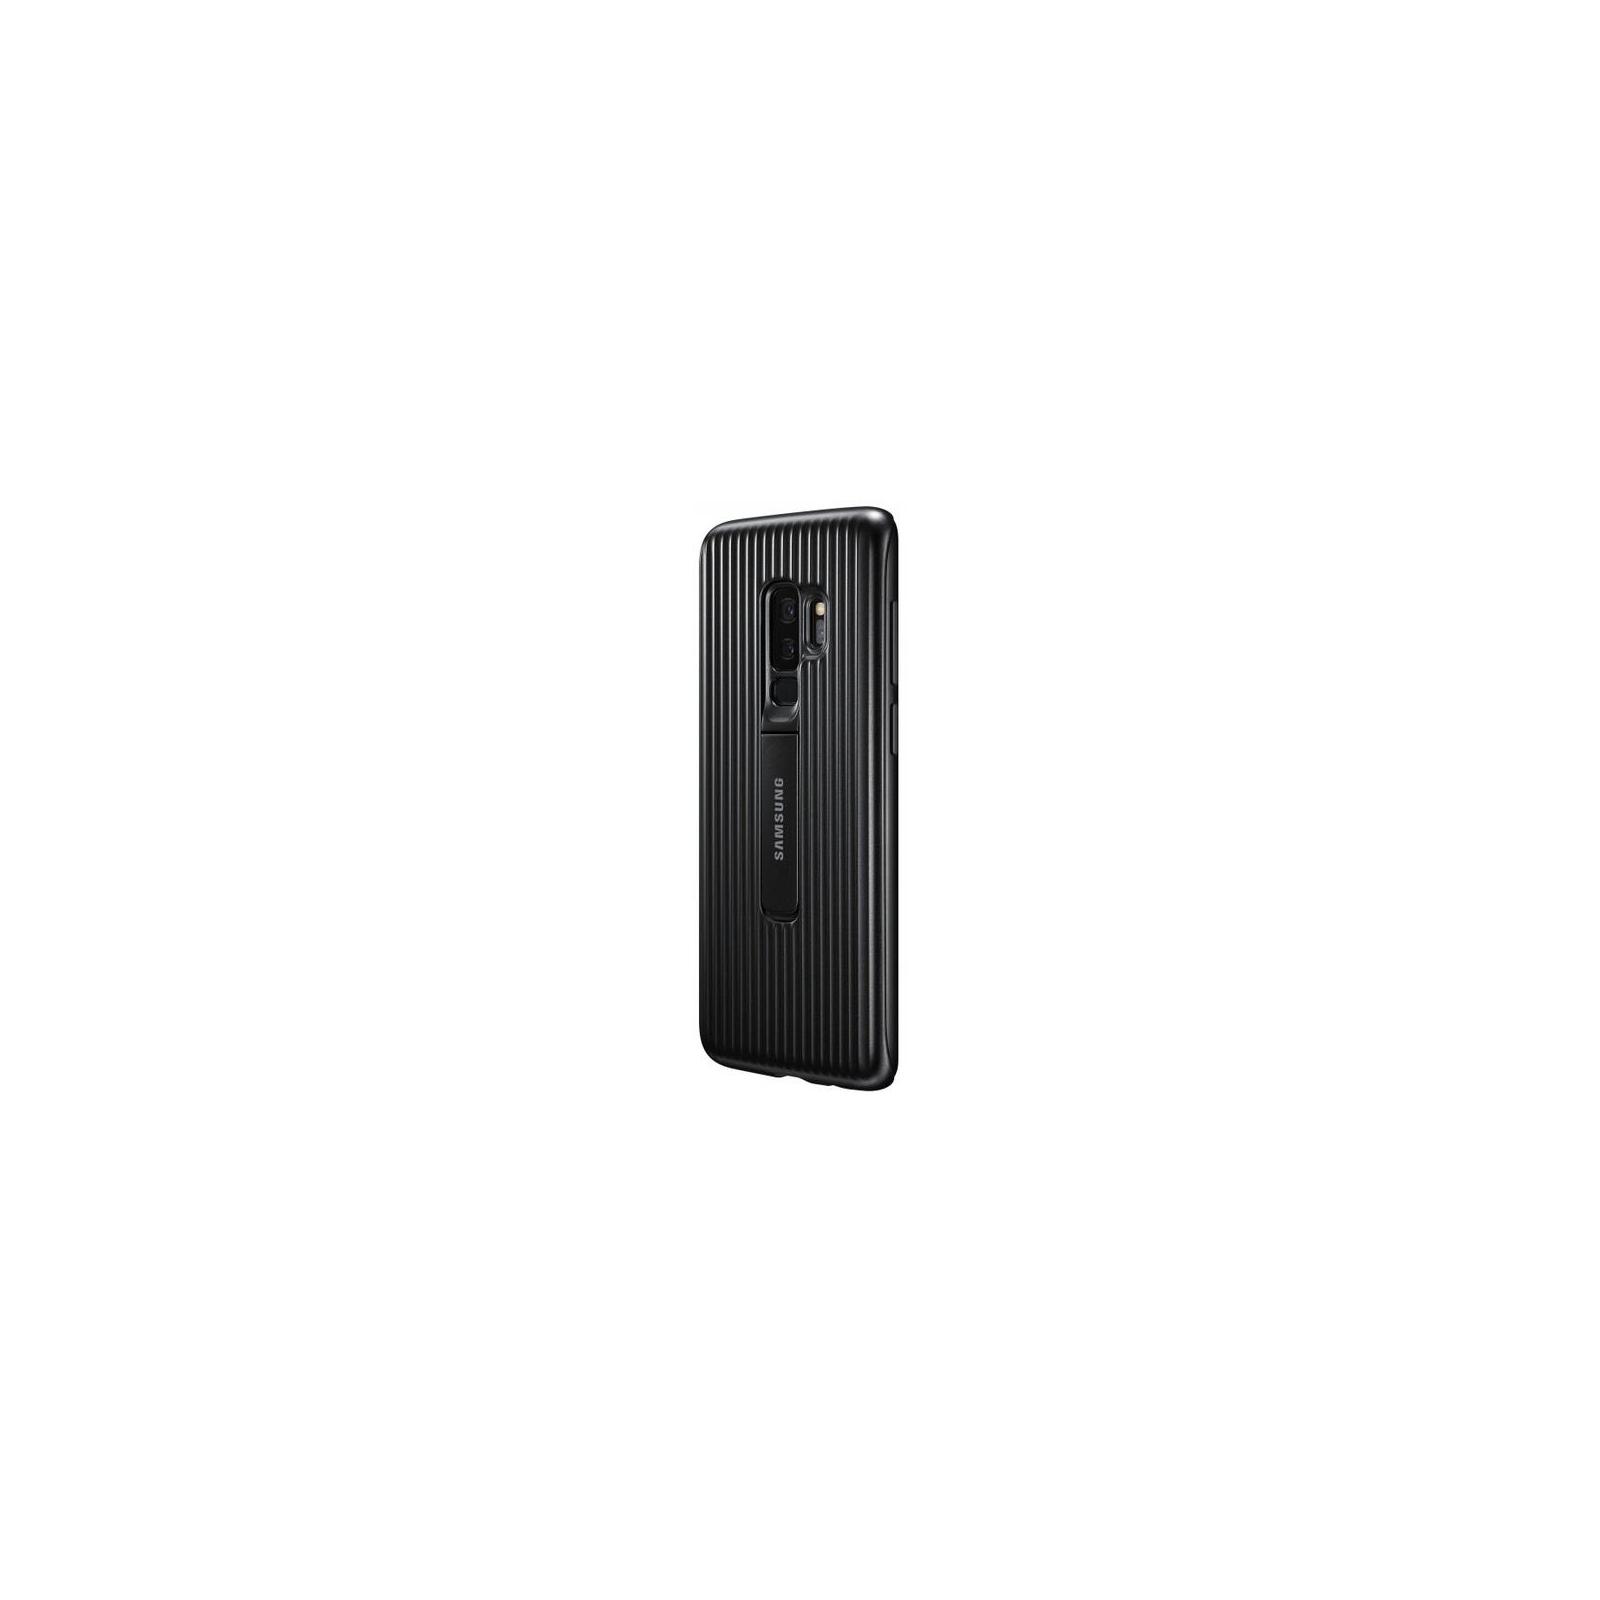 Чехол для моб. телефона Samsung для Galaxy S9+ (G965) Protective Stadning Black (EF-RG965CBEGRU) изображение 2